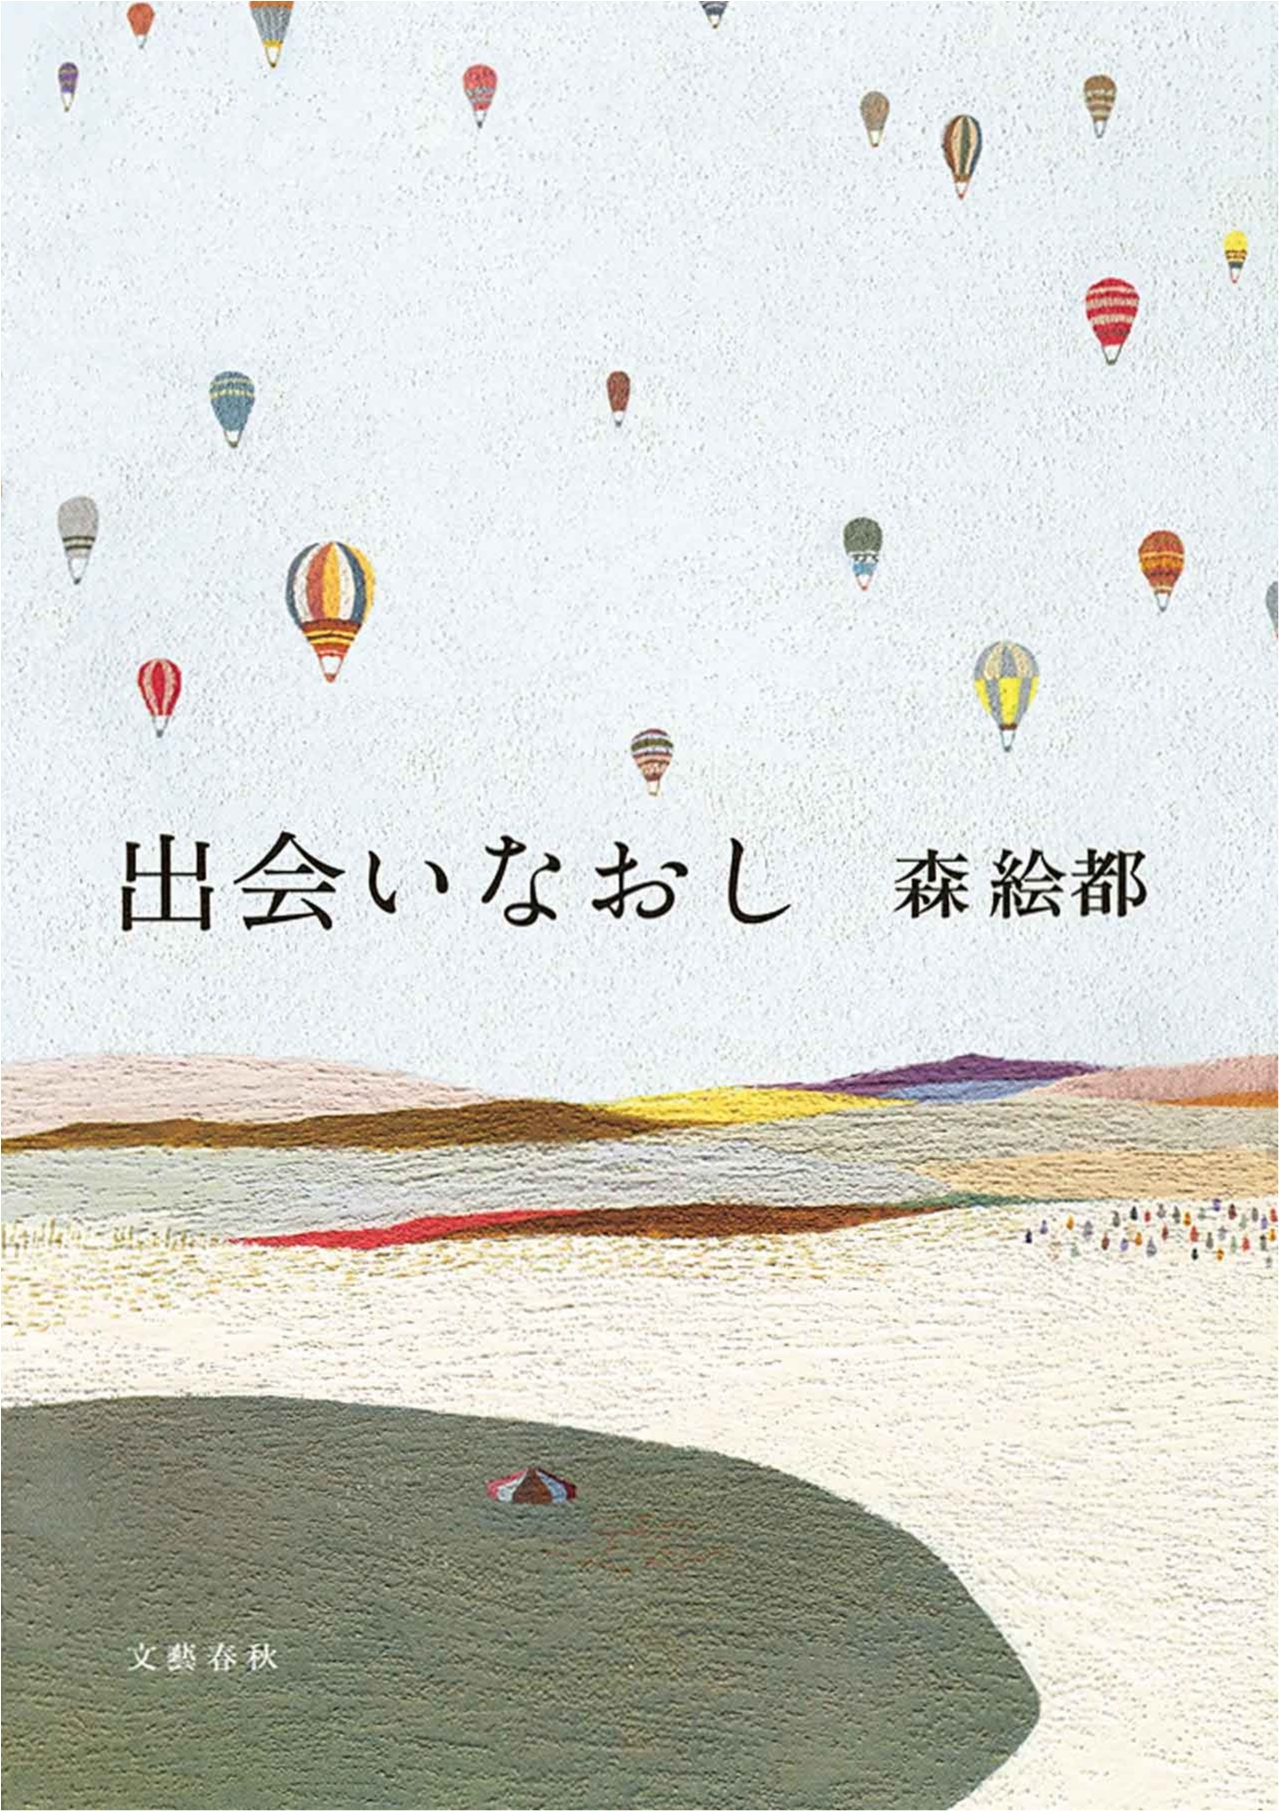 GWの読書にいかが⁉ 別れは寂しいだけじゃない。森絵都さんの小説『出会いなおし』【今月のイチオシ★BOOK】_1